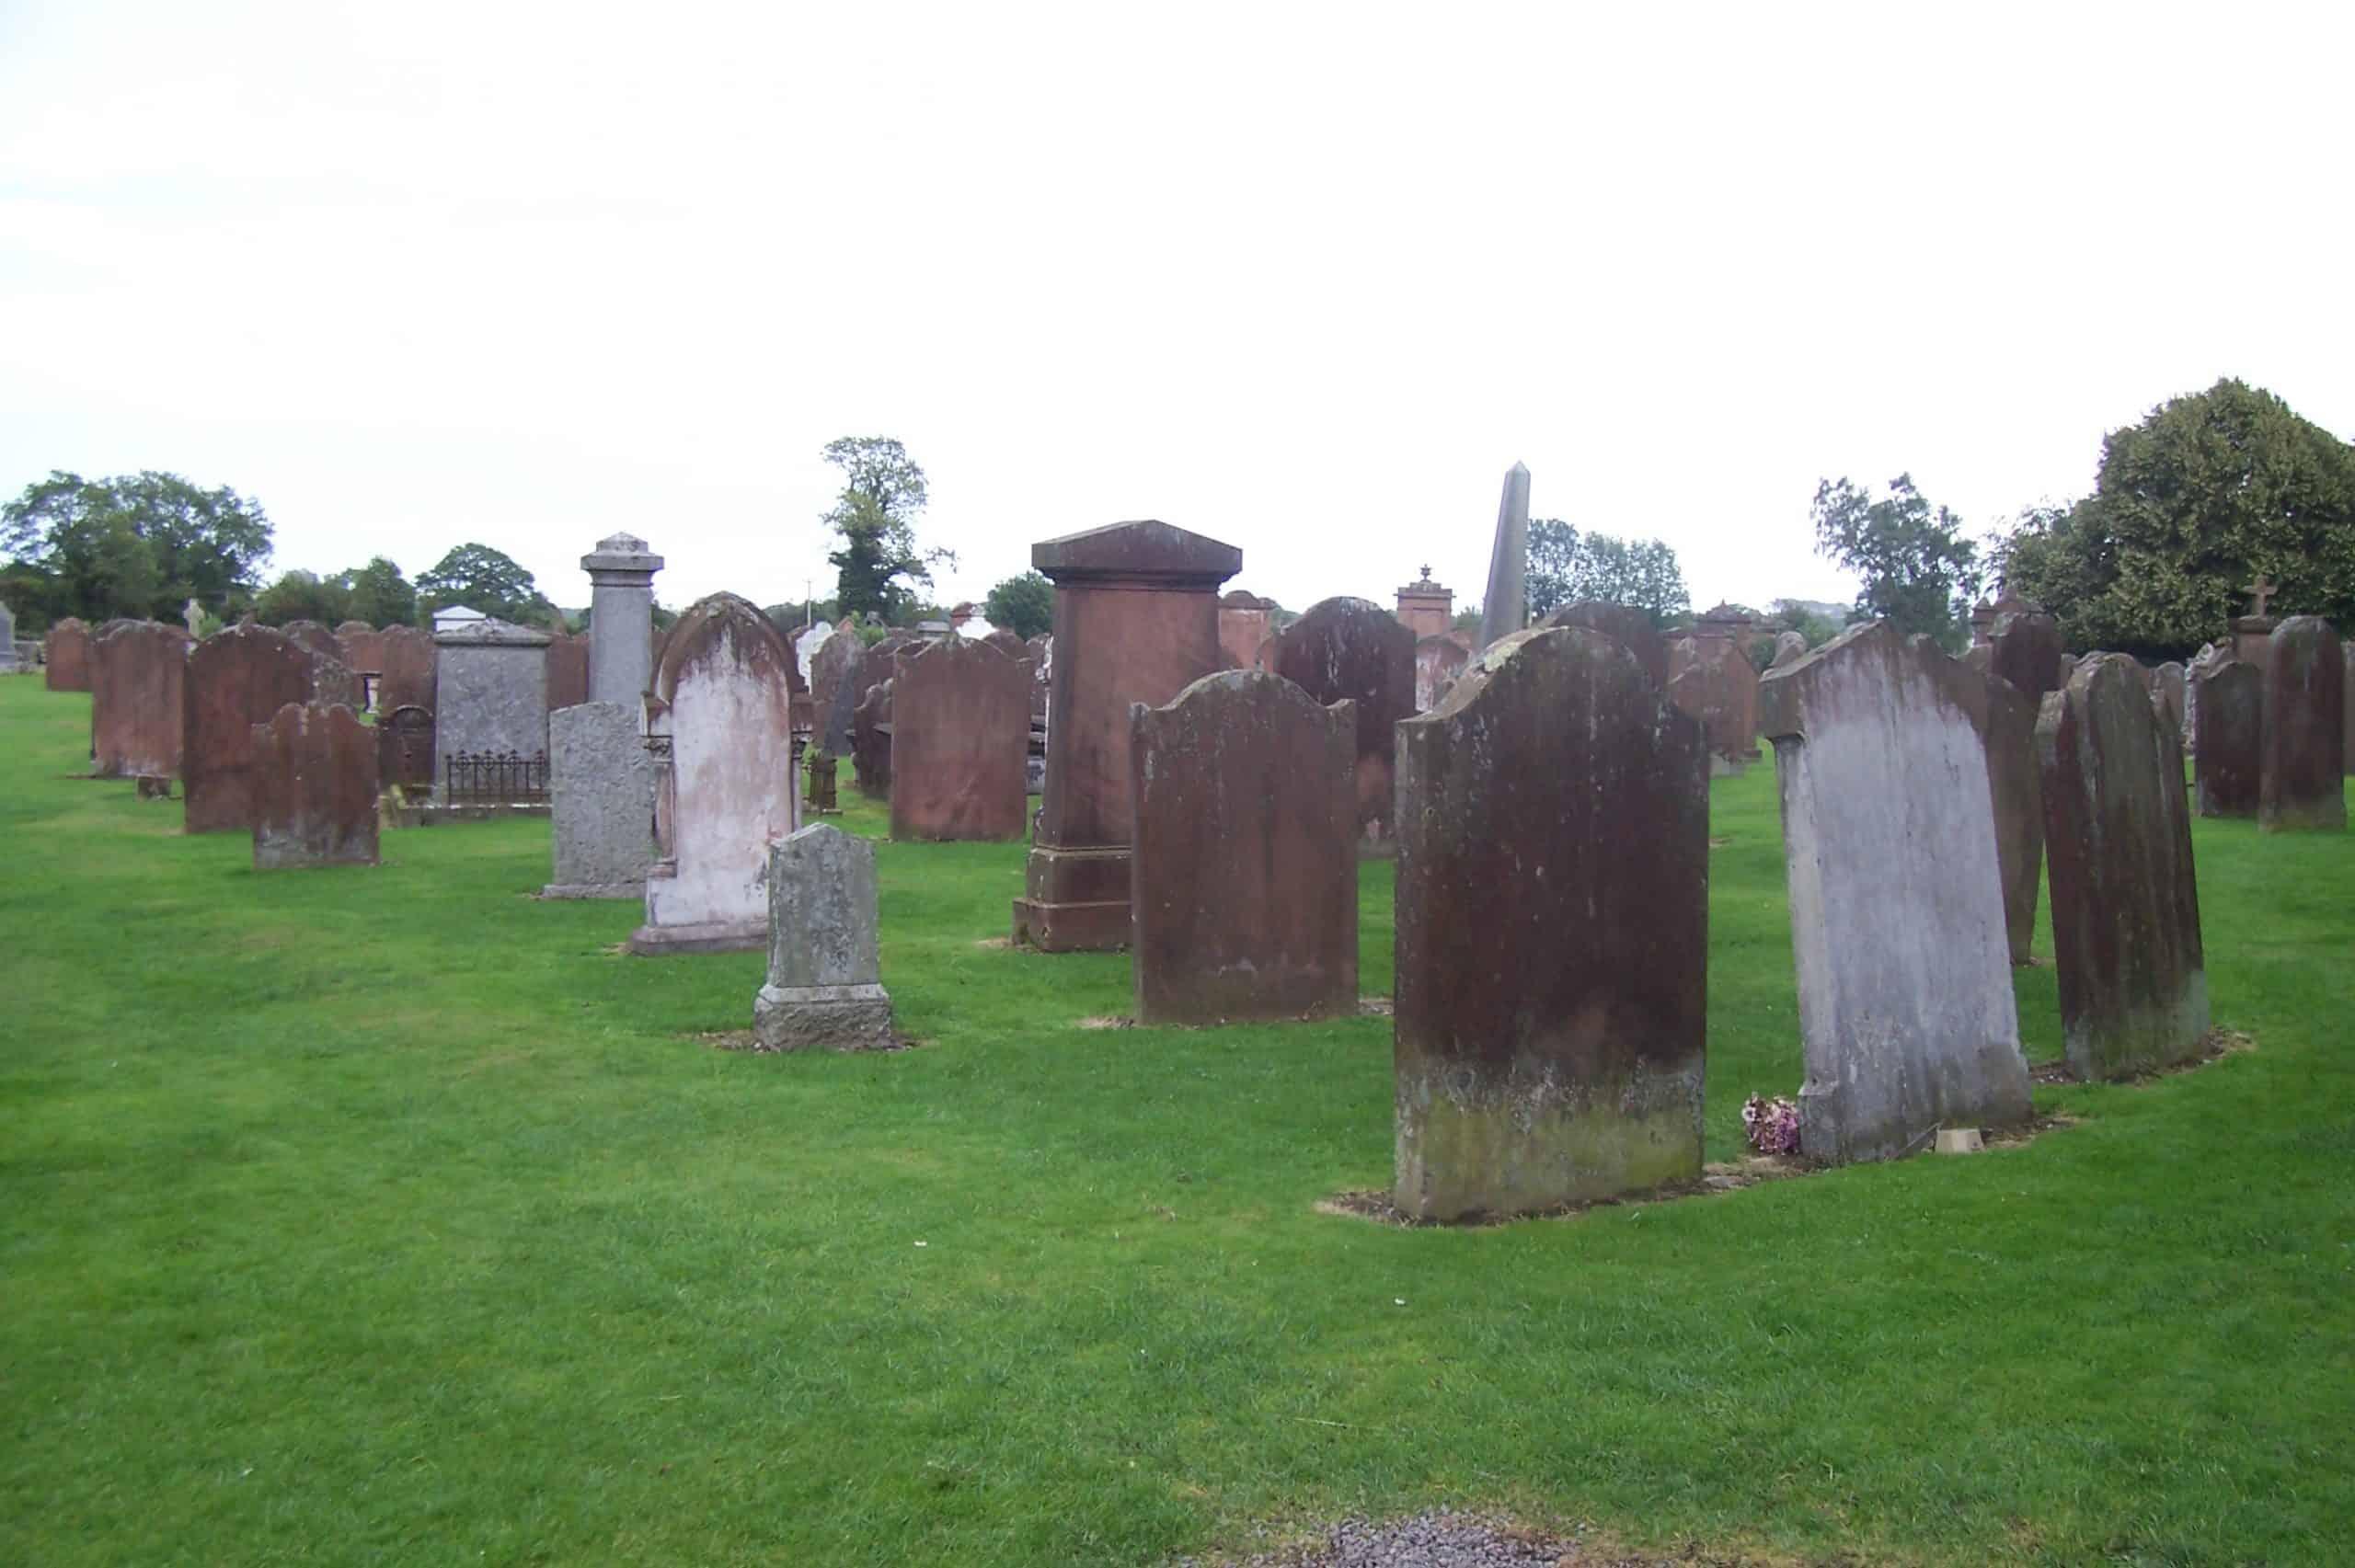 Tumbas en cementerio